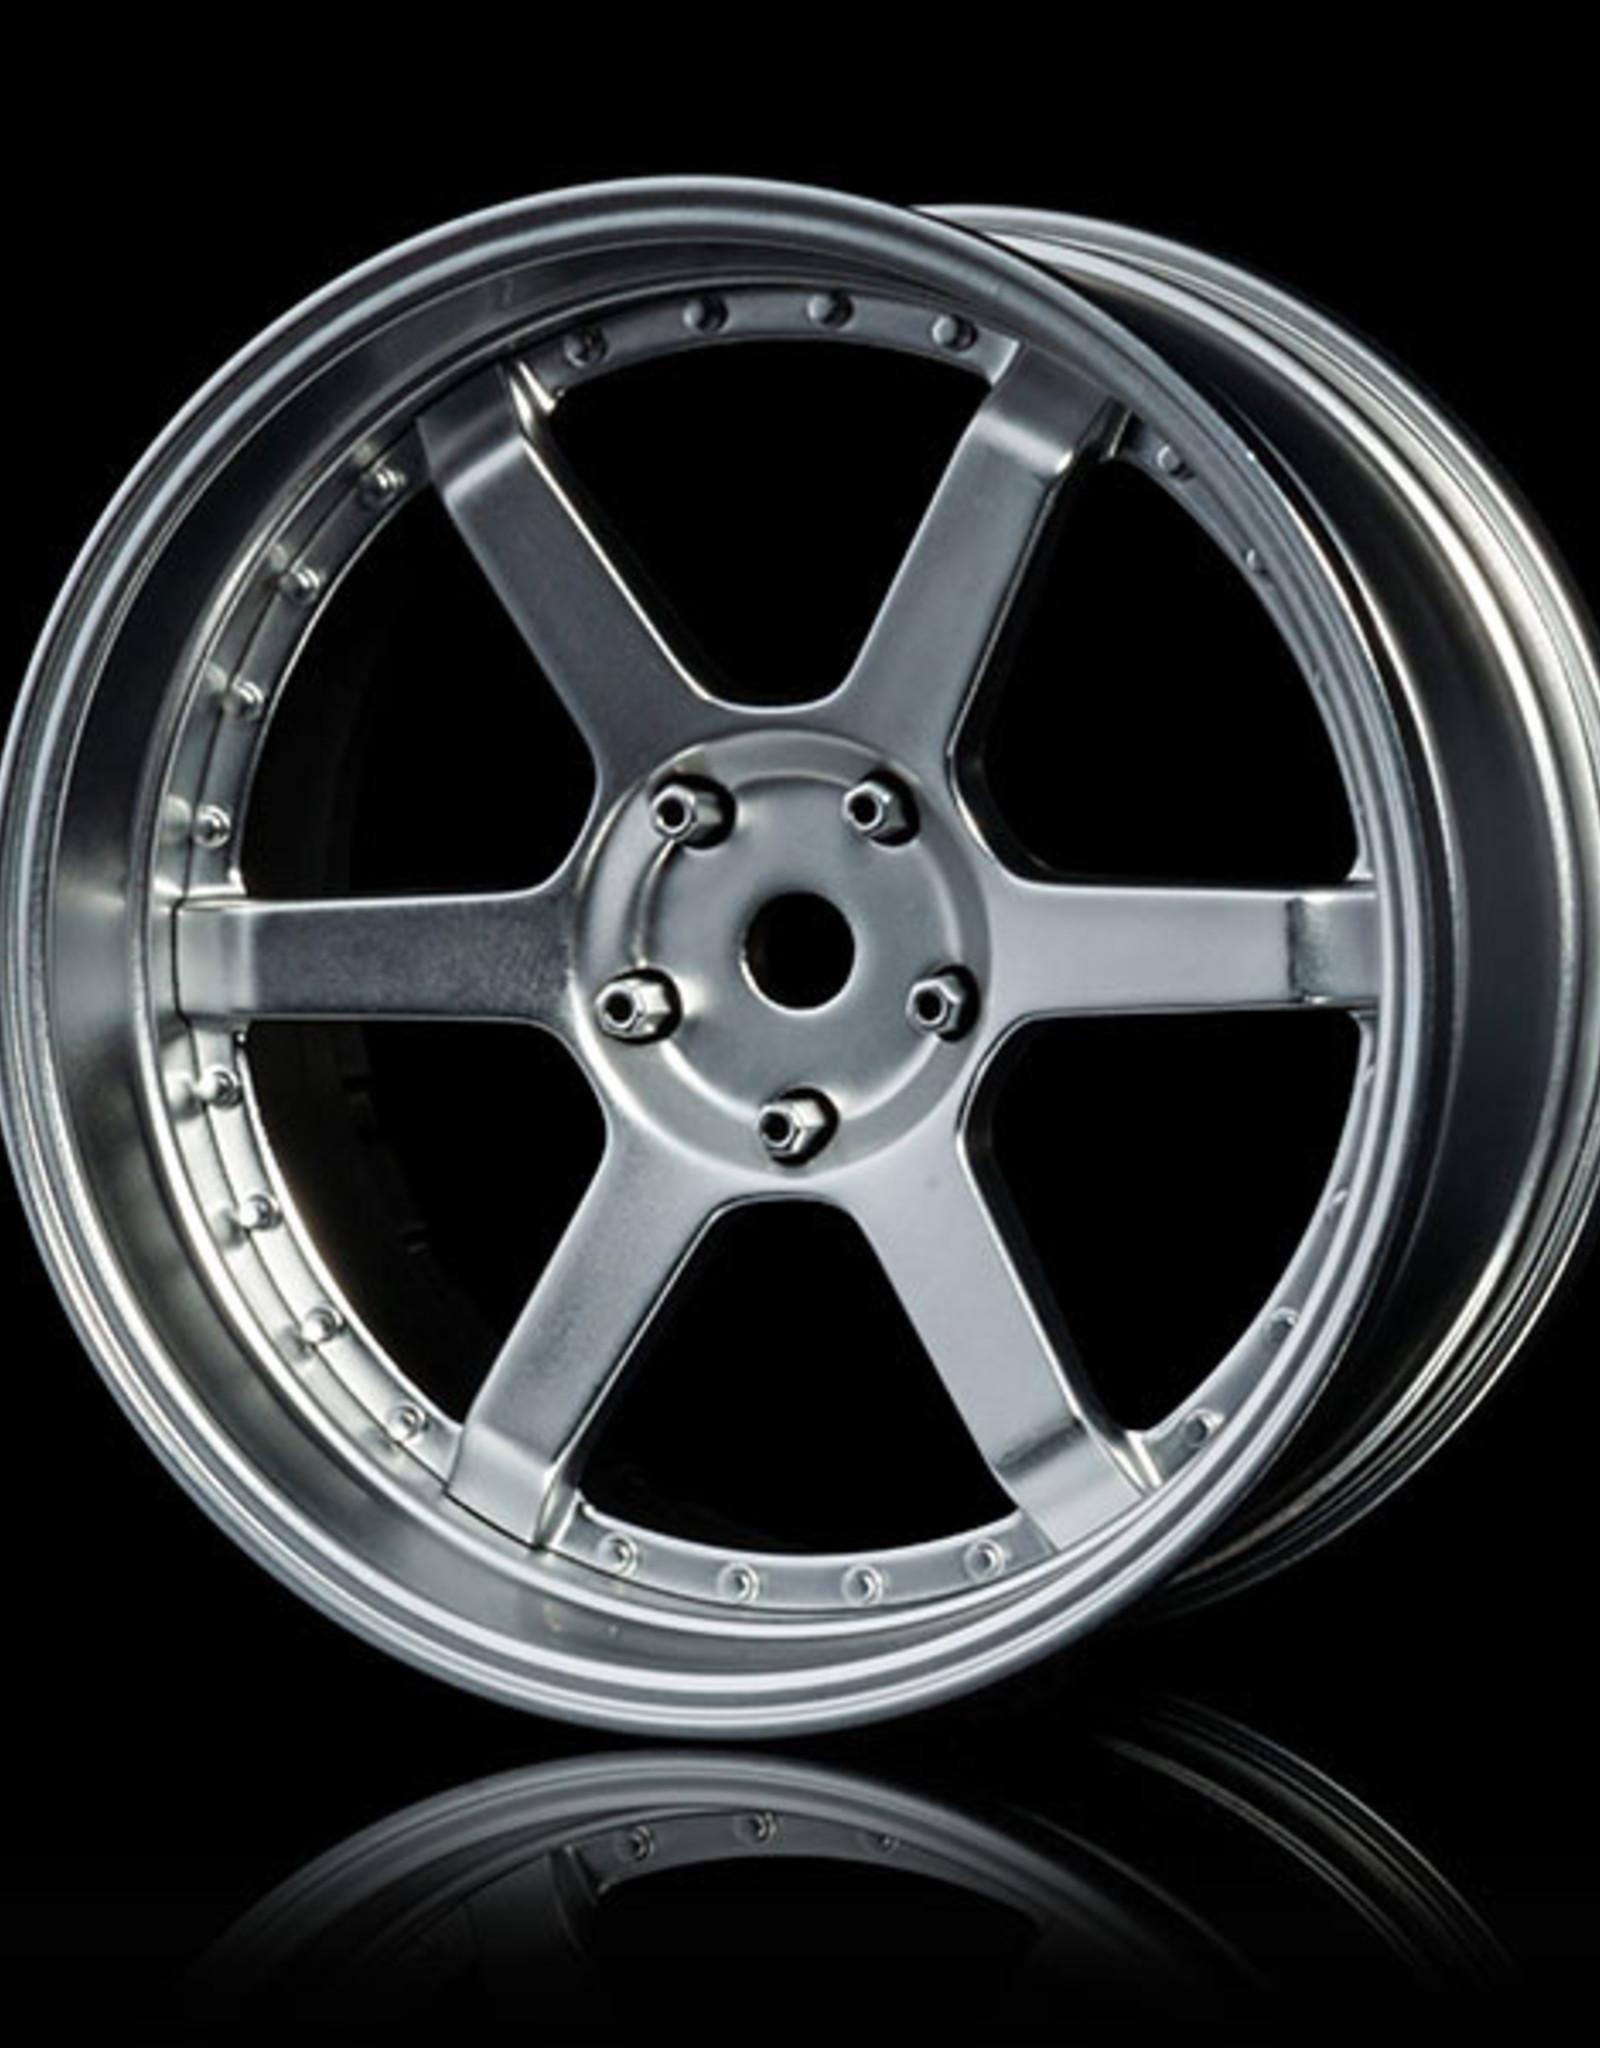 MST 106 Offset Changeable Wheel (4pcs.) by MST FS-FS